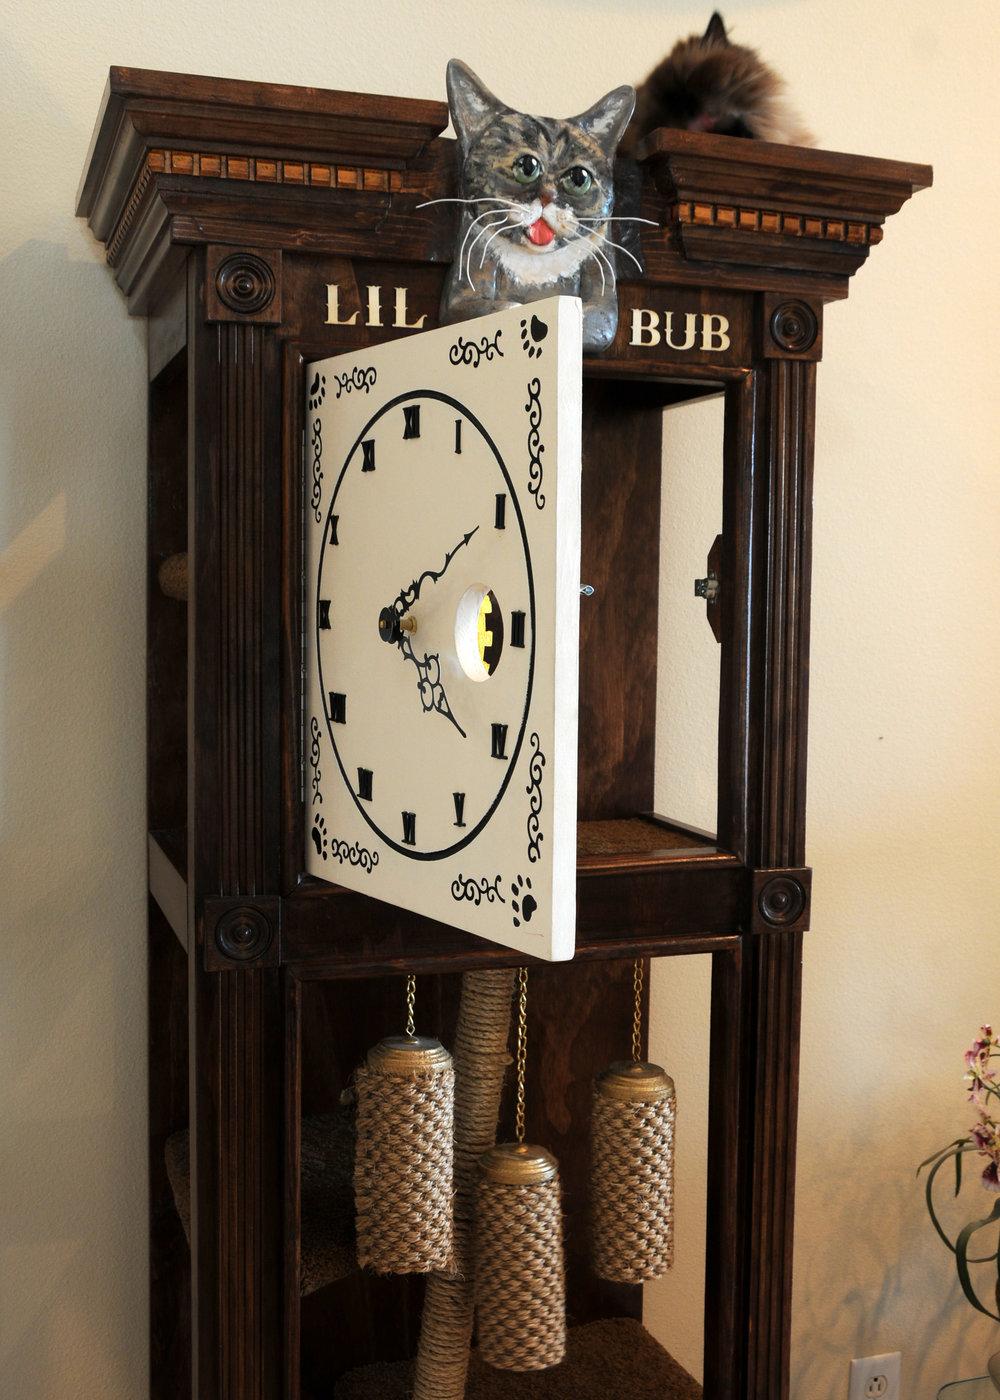 Sq-Paws-Bub-Clock-006.JPG